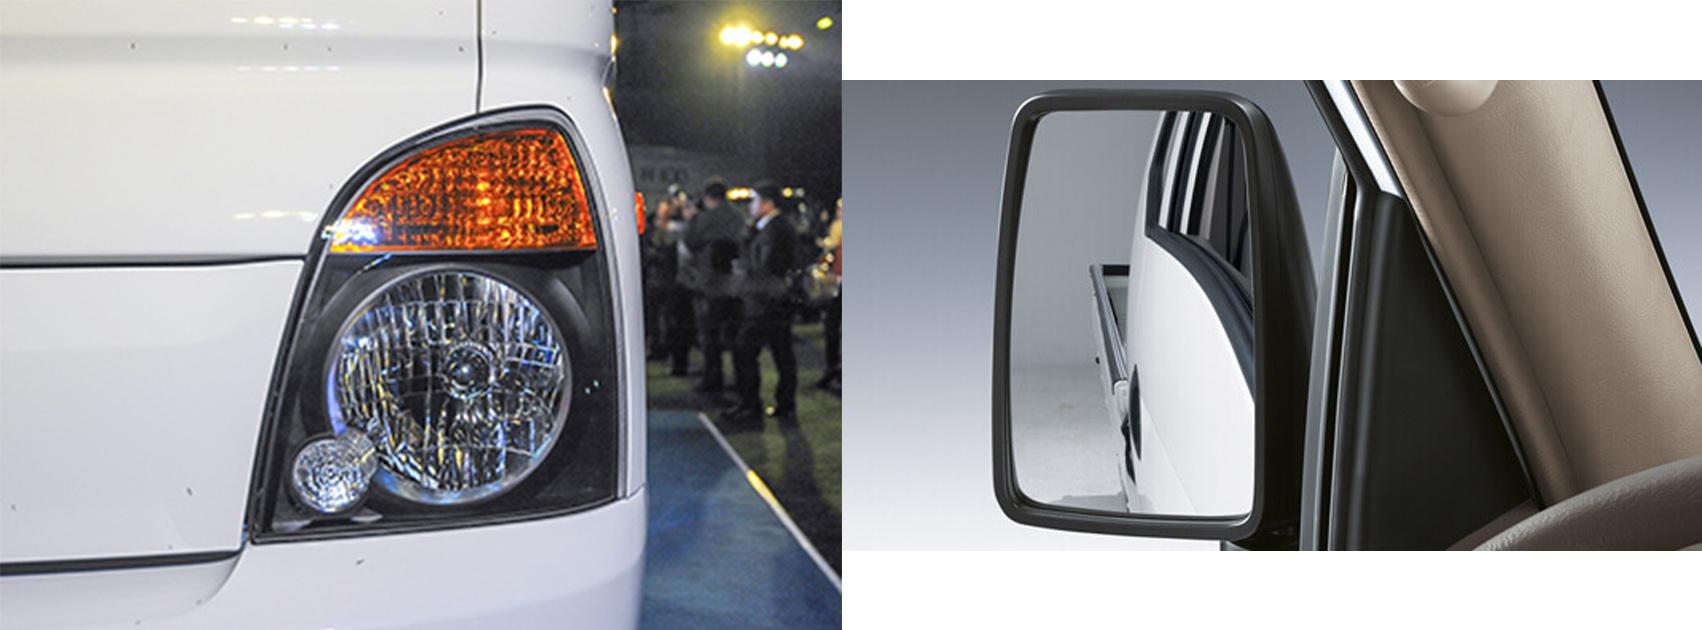 Gương chiếu hậu và đèn xe